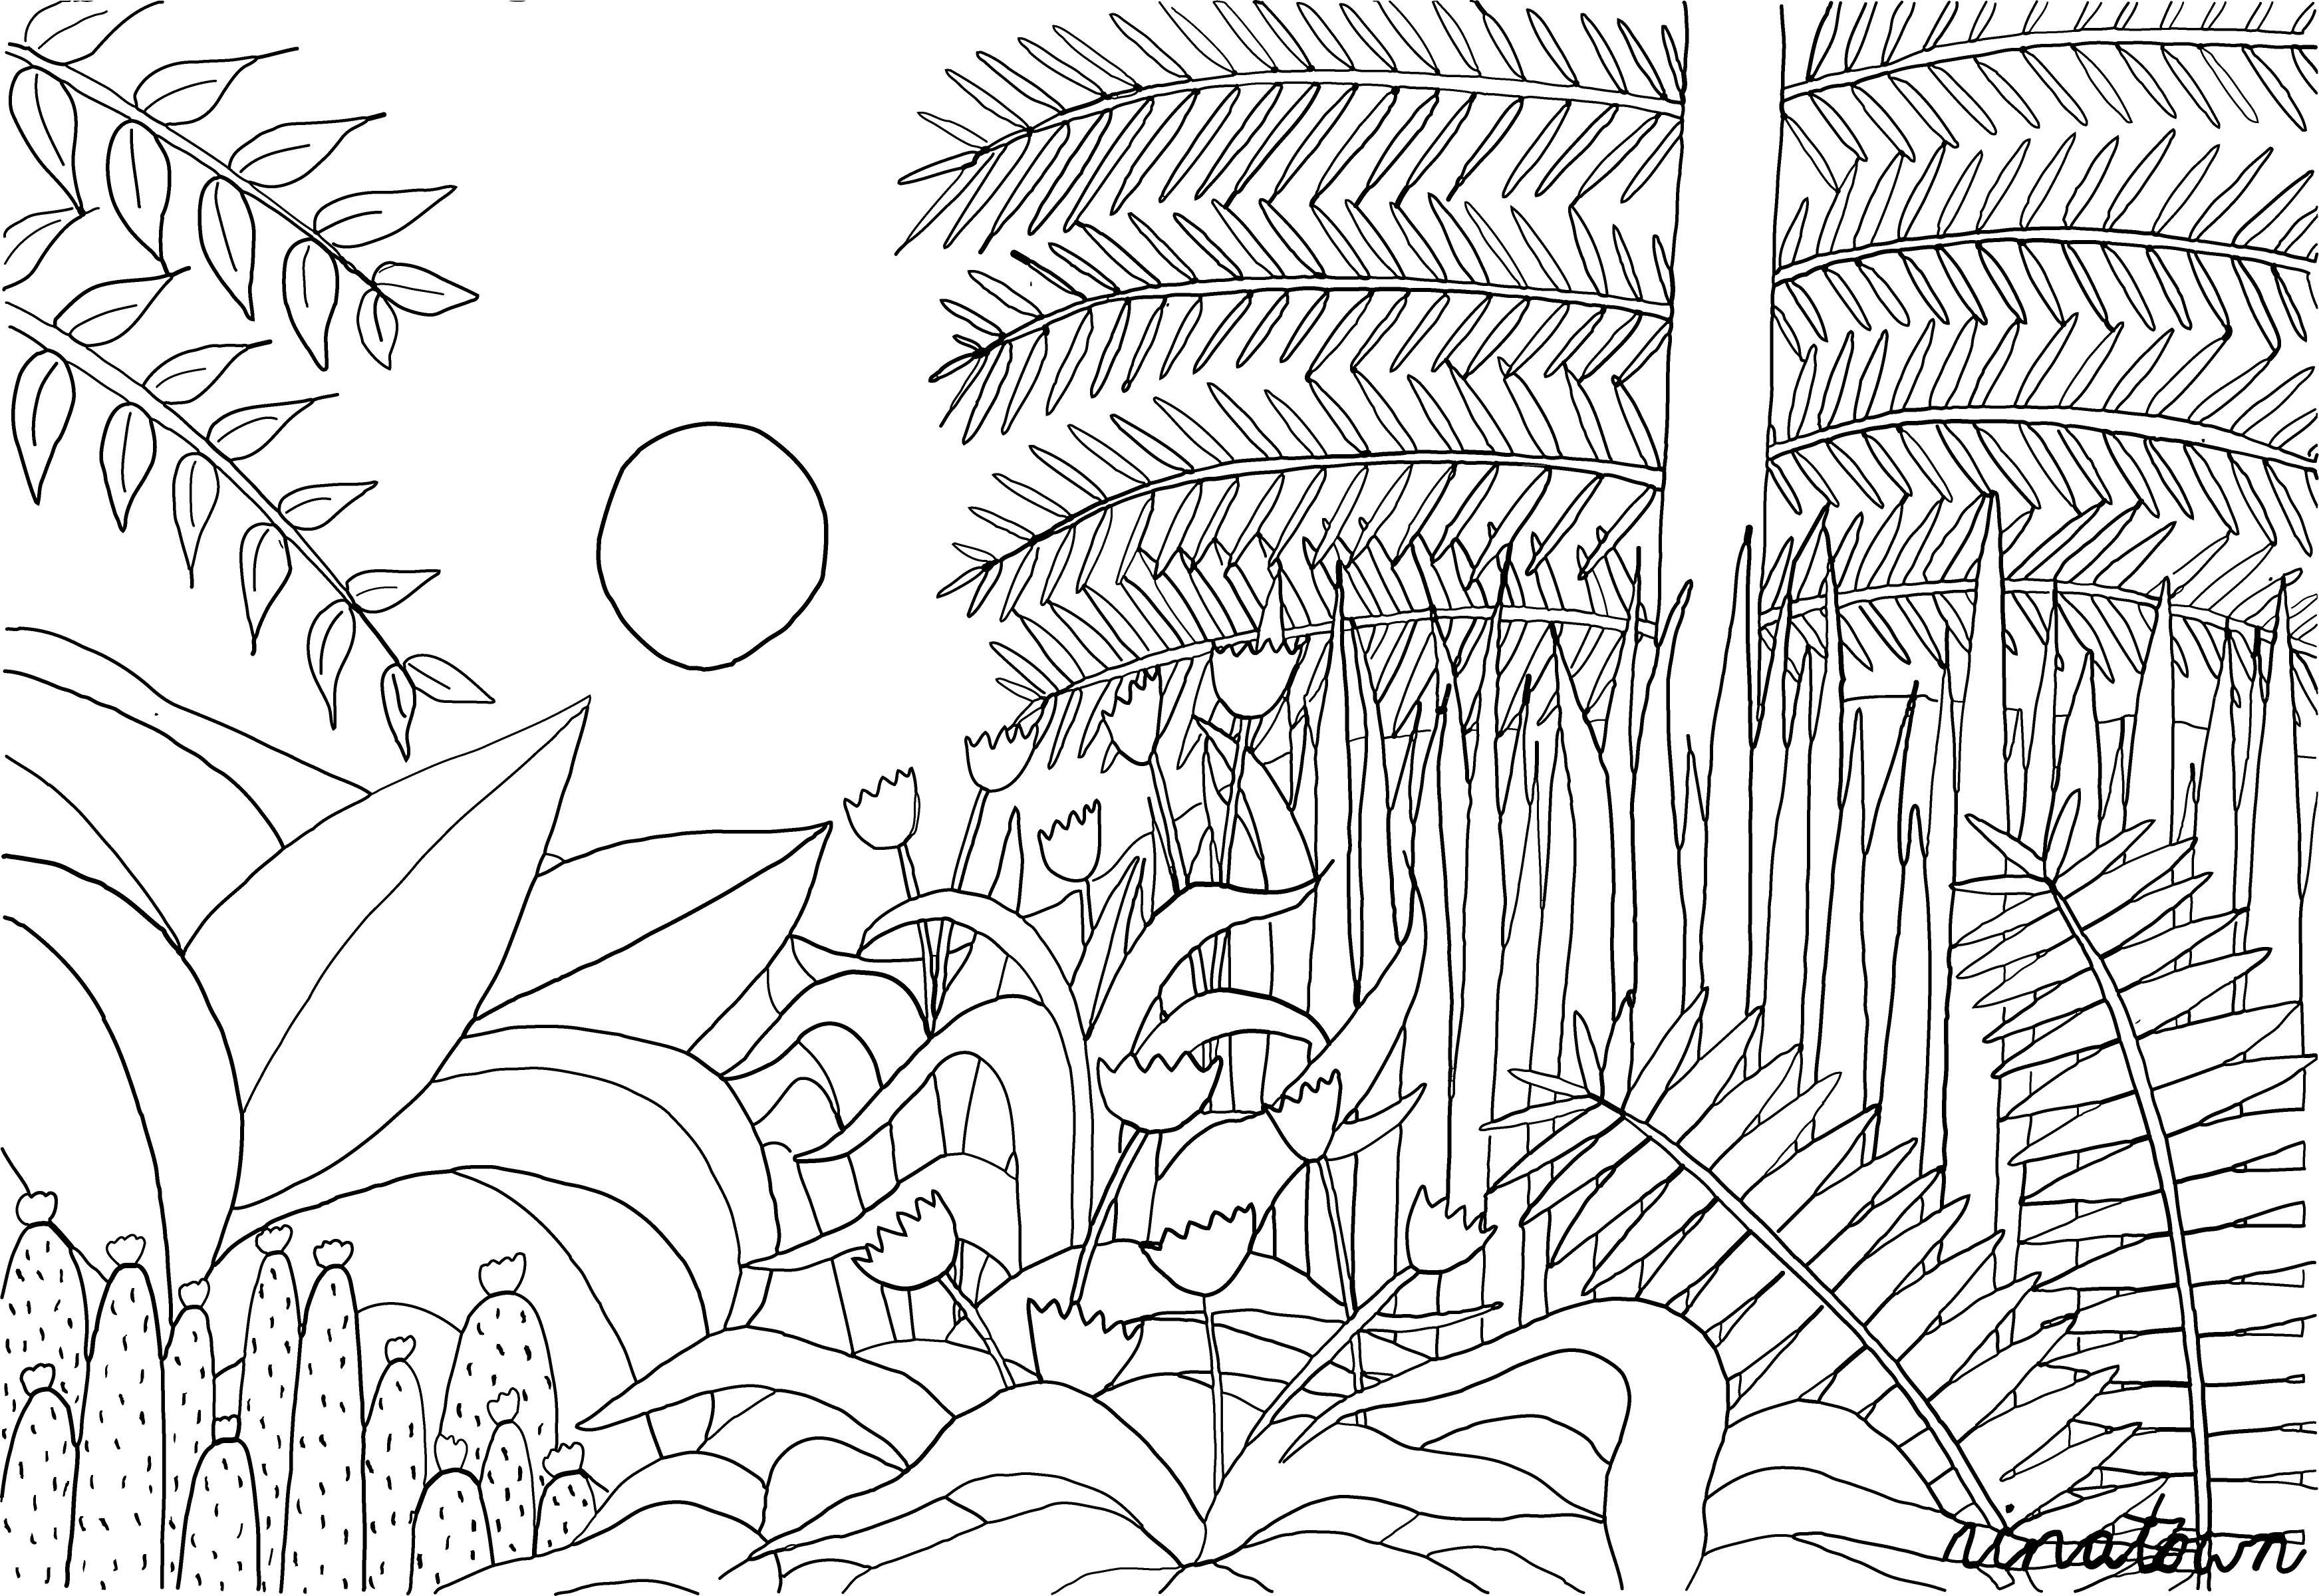 henri rousseau coloring pages quotfantastic jungles of henri rousseauquot coloring page rousseau henri pages coloring